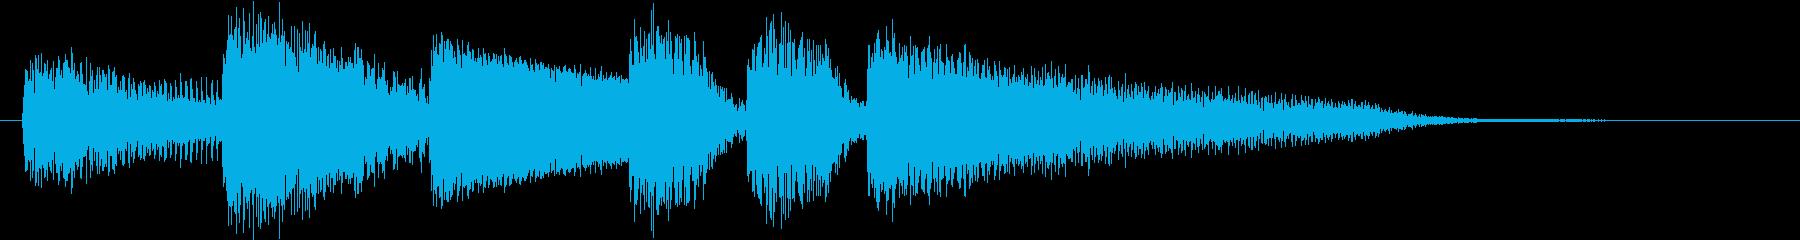 ブルージーなジャズピアノジングル3の再生済みの波形